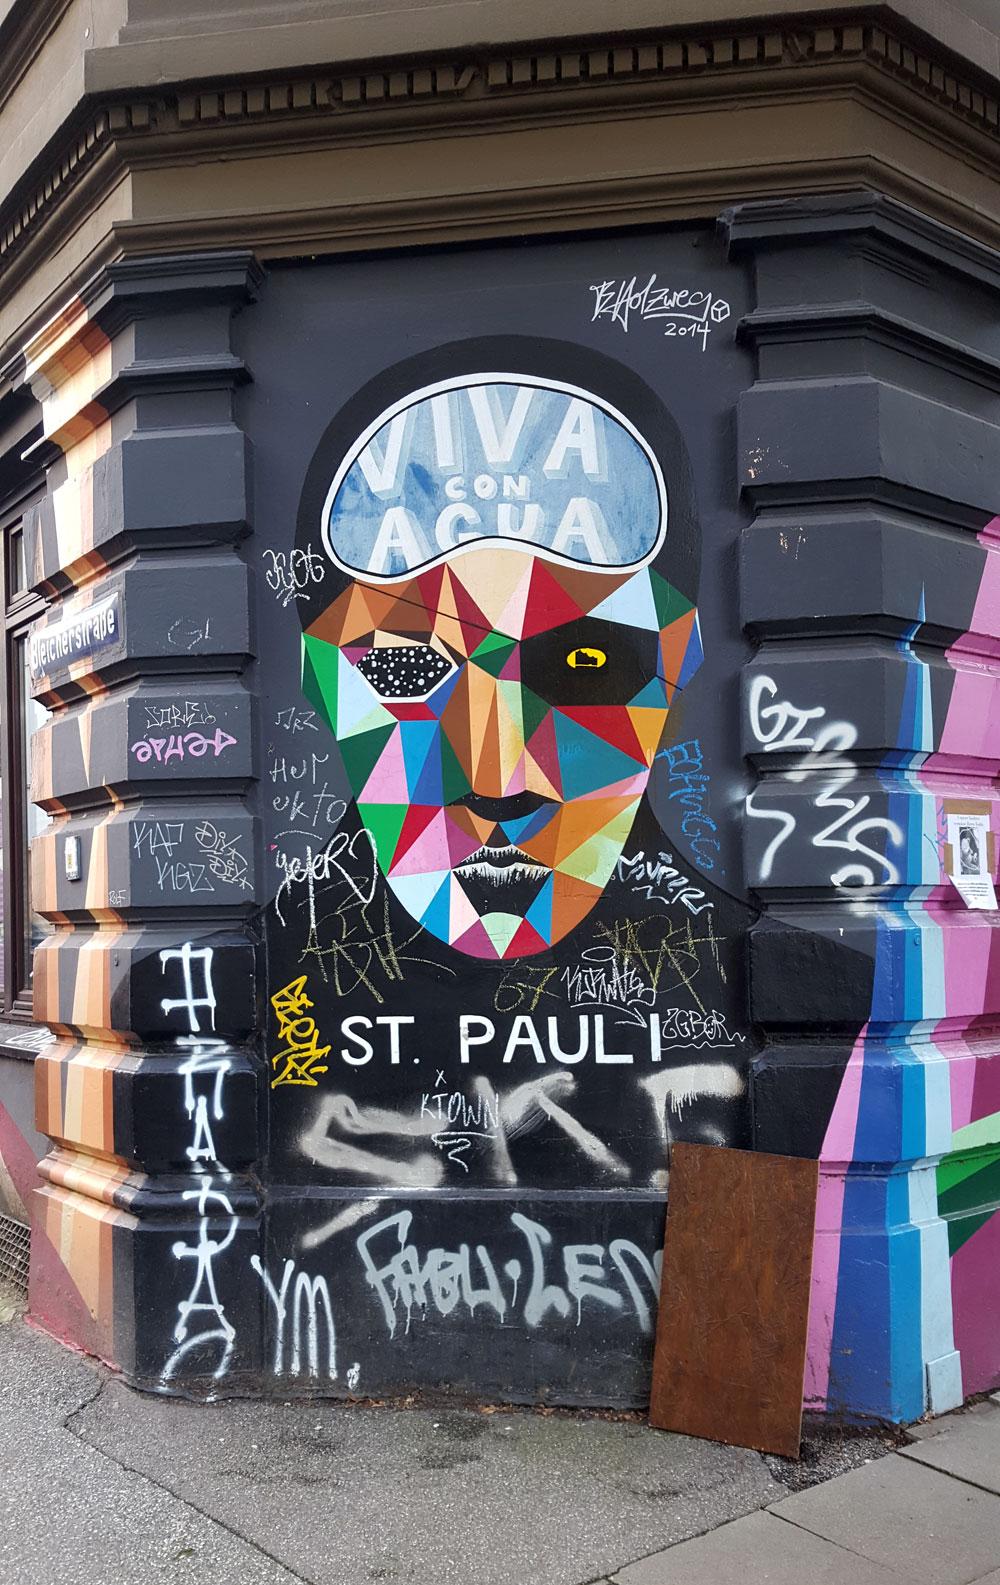 """Graffiti """"Viva con Agua Sankt Pauli """" - ein gemeinnütziger Verein, der sich weltweit für sauberes Trinkwasser einsetzt,"""